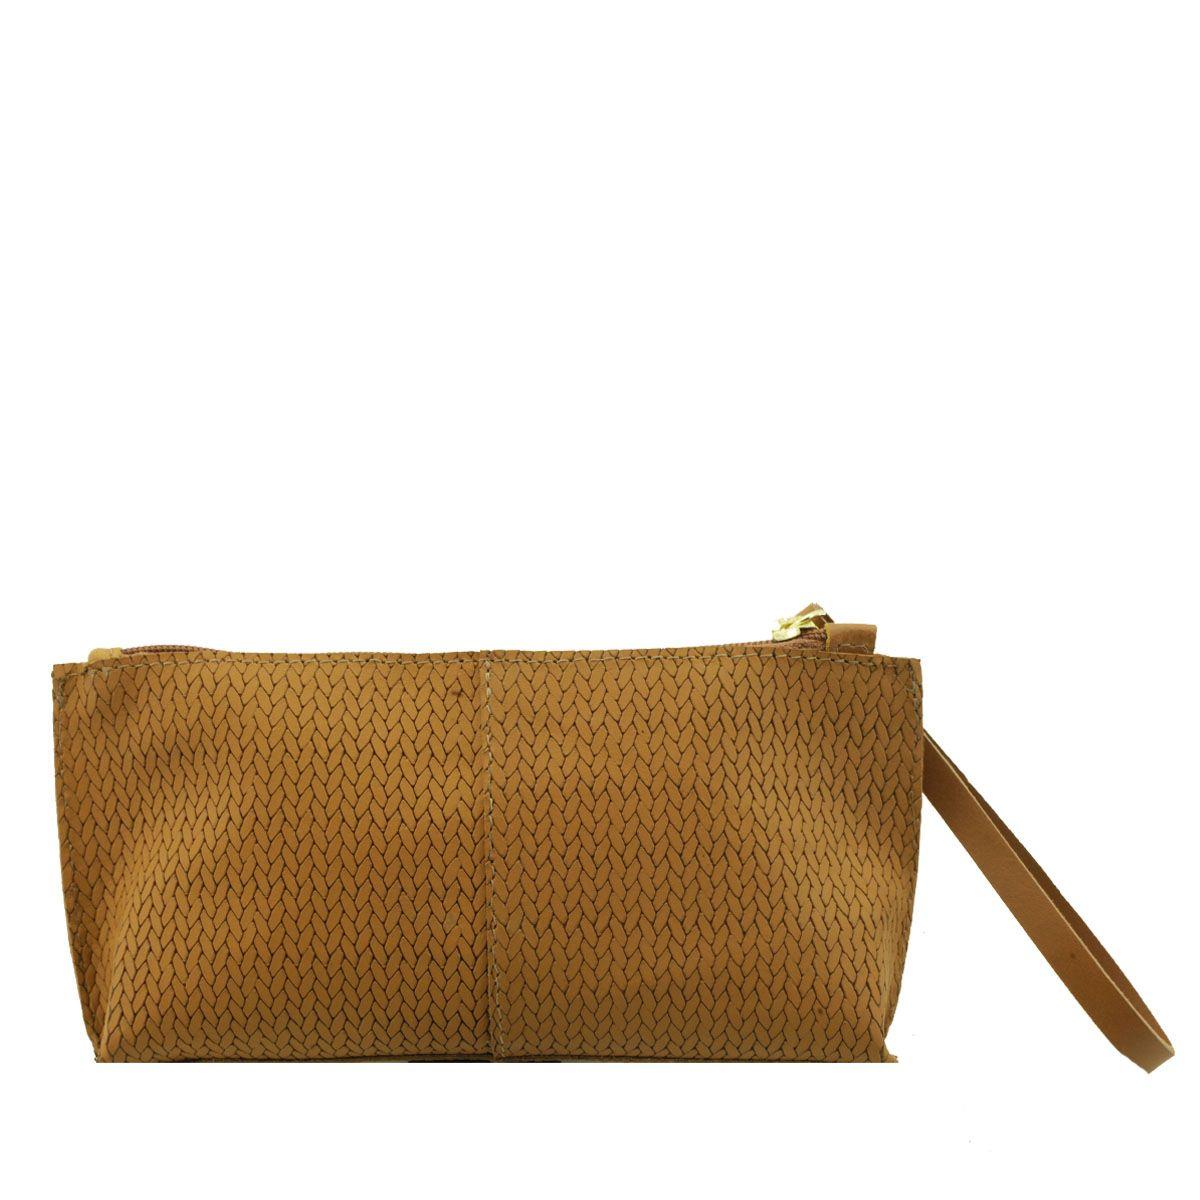 Bolsa de mão ou Necessaire com alça Camel